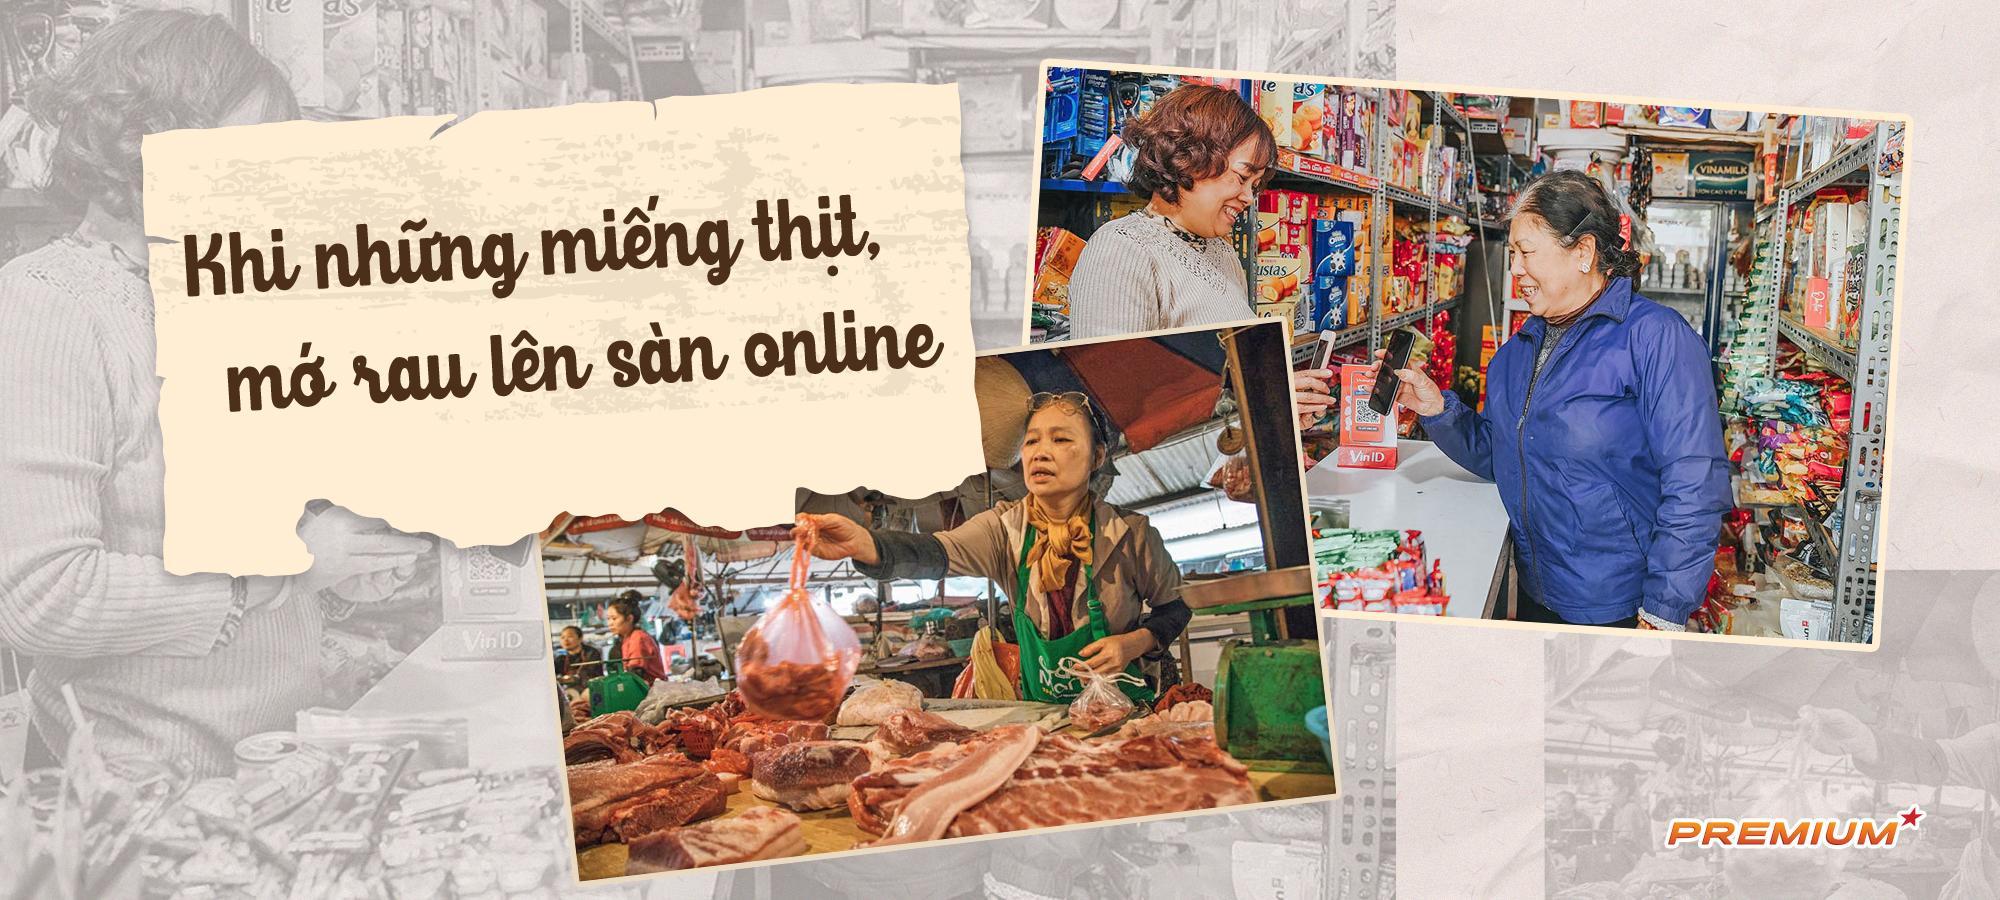 Khi những miếng thịt, mớ rau lên sàn online